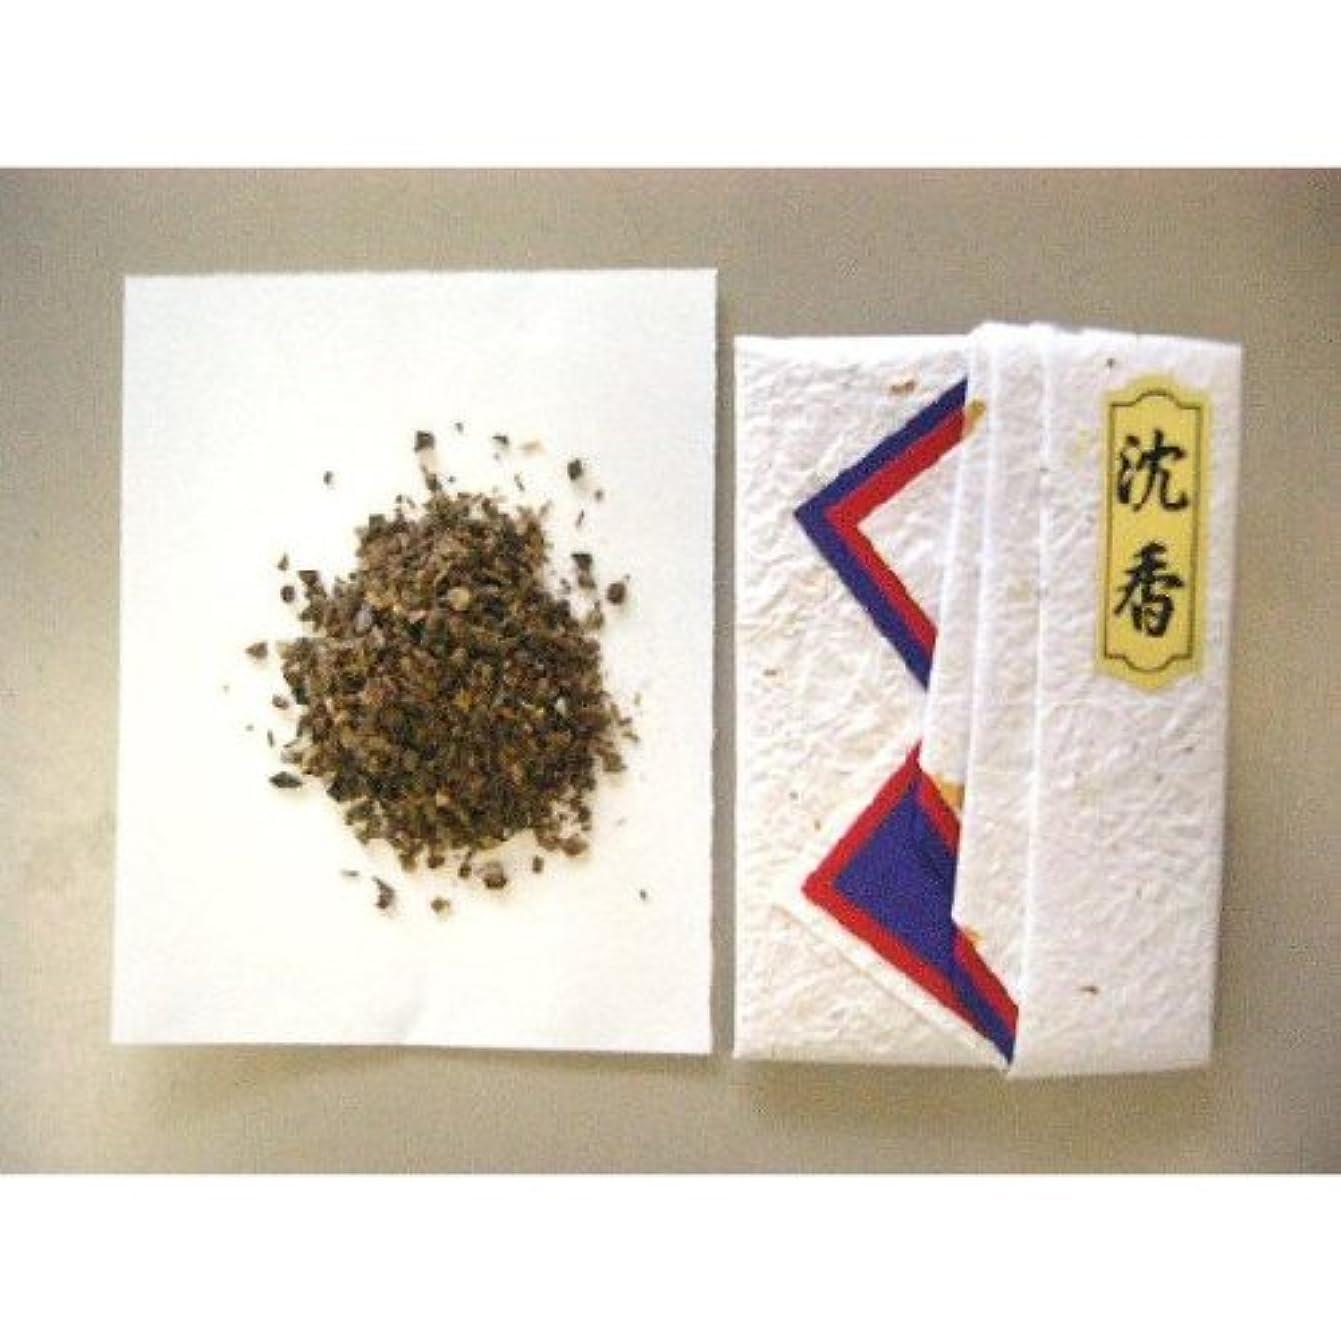 刺激する下品準拠インドネシア産タニ沈香(刻)10gタトー紙入り